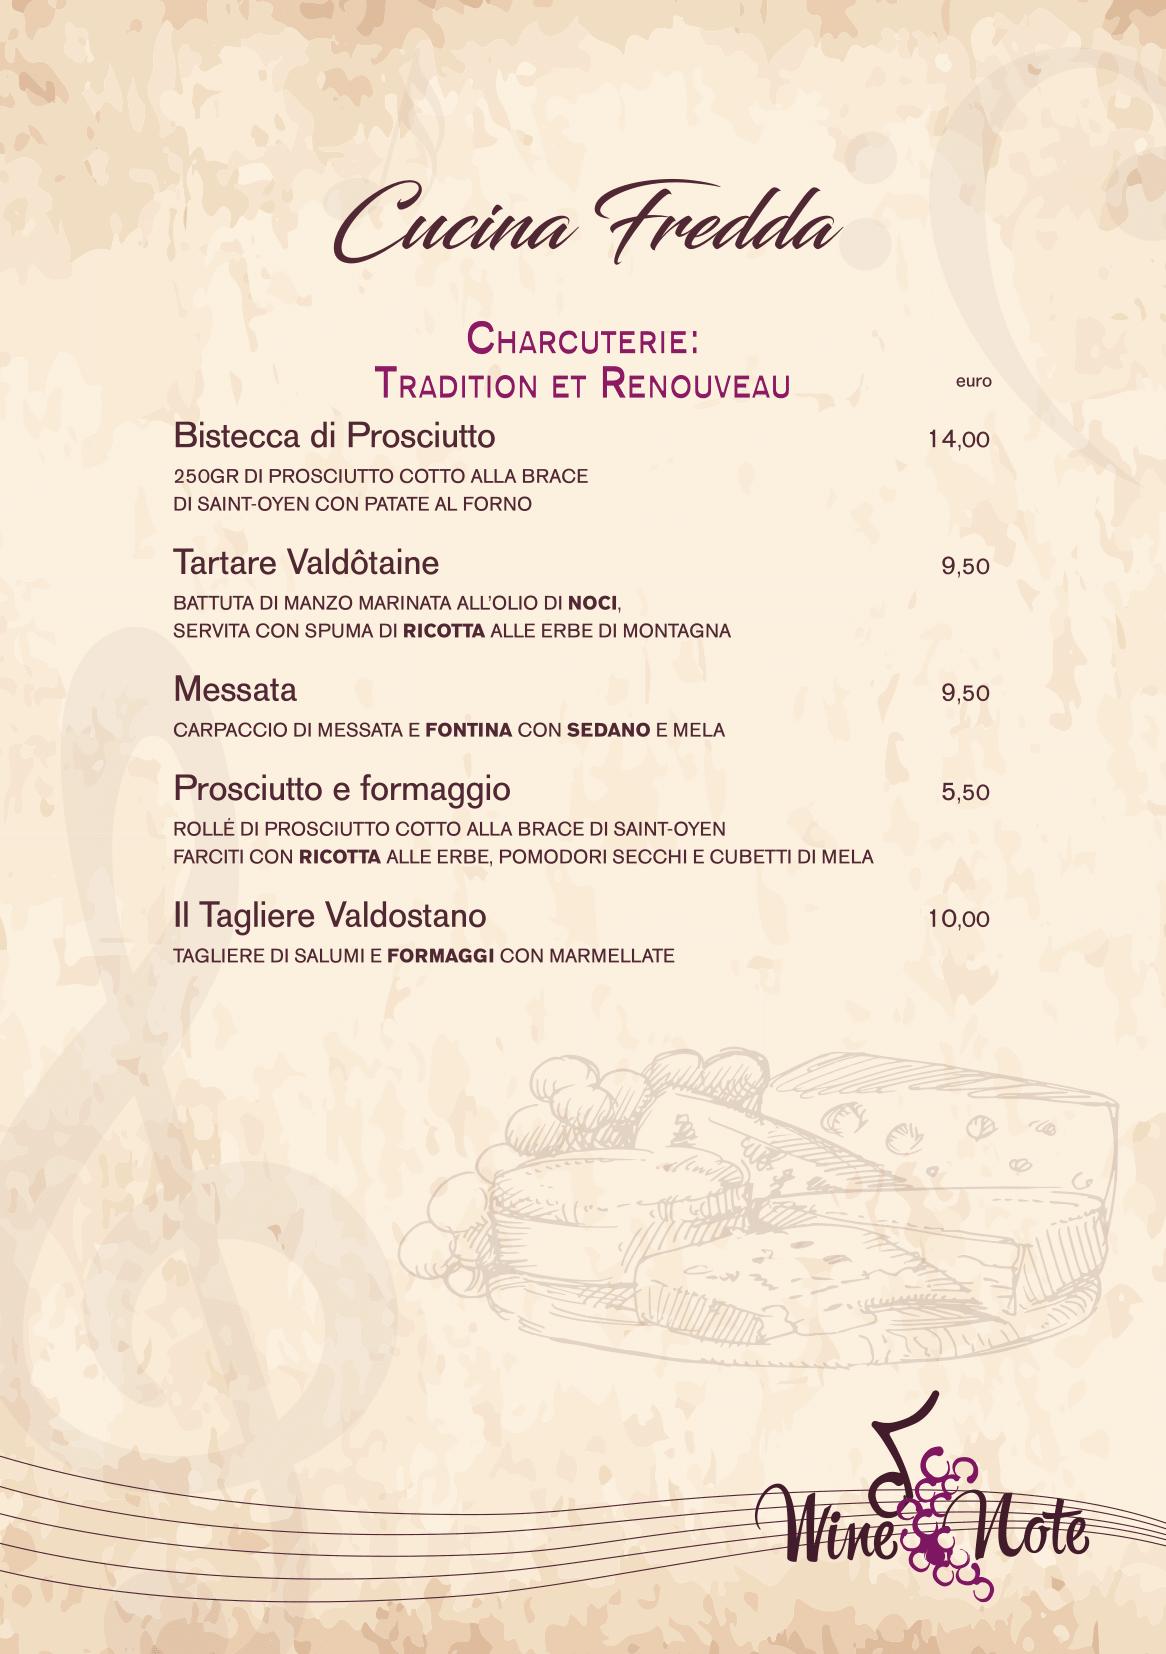 Wine note menu e vini A5-03